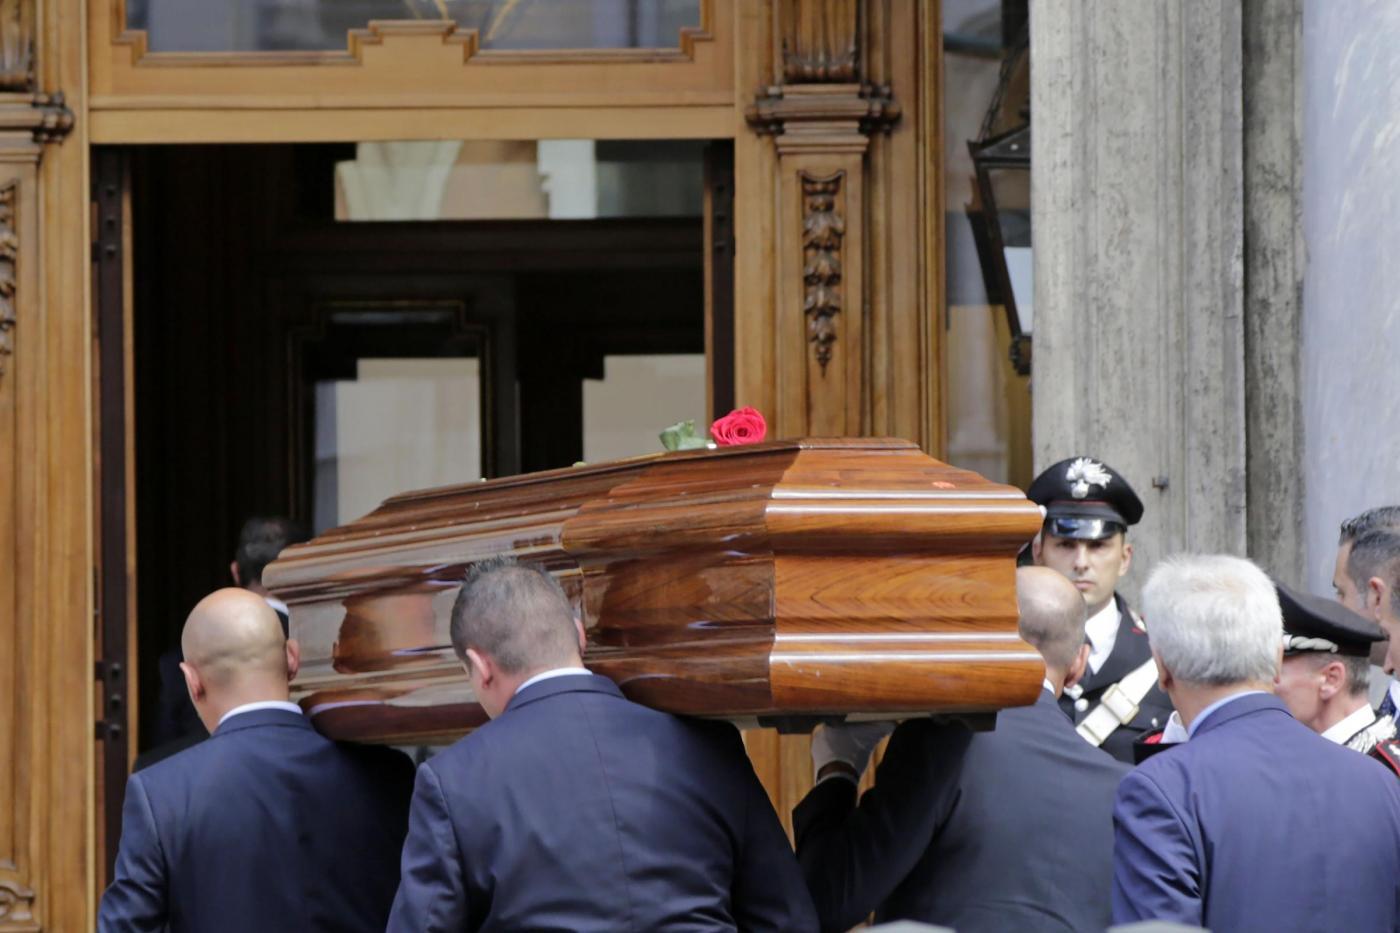 Carlo Azeglio Ciampi, i funerali del presidente emerito a Roma